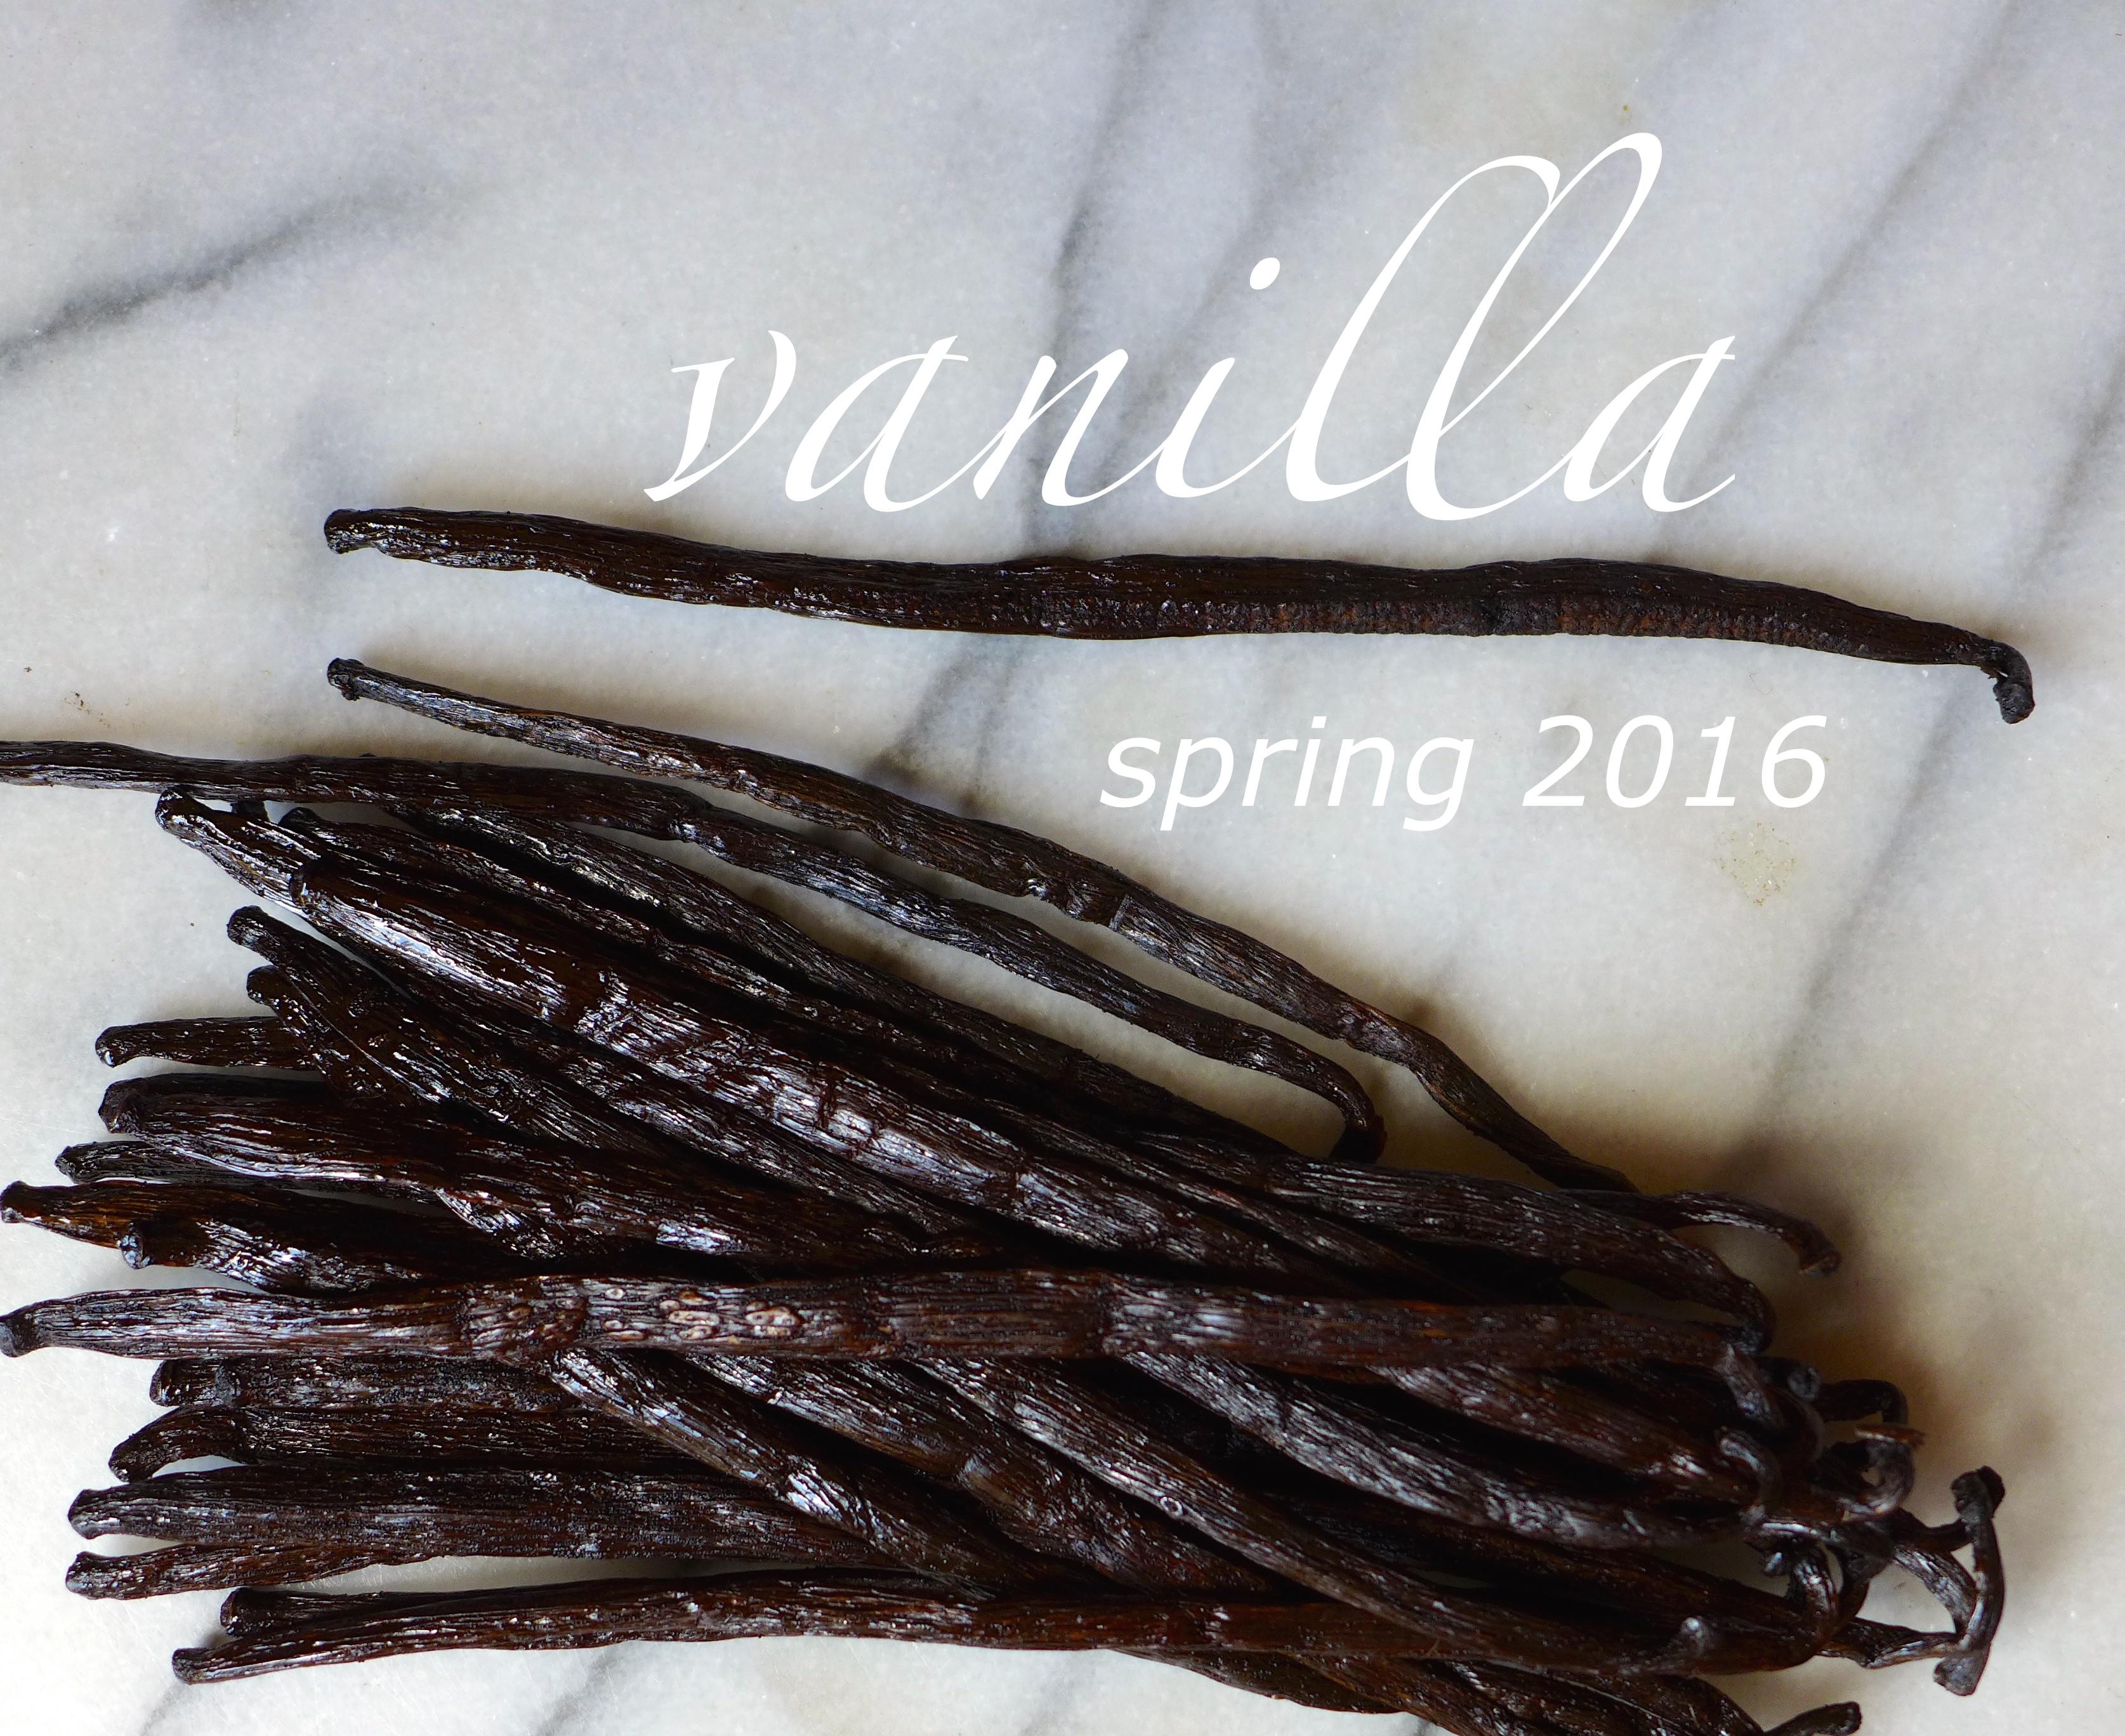 Spring 2016 : Vanilla